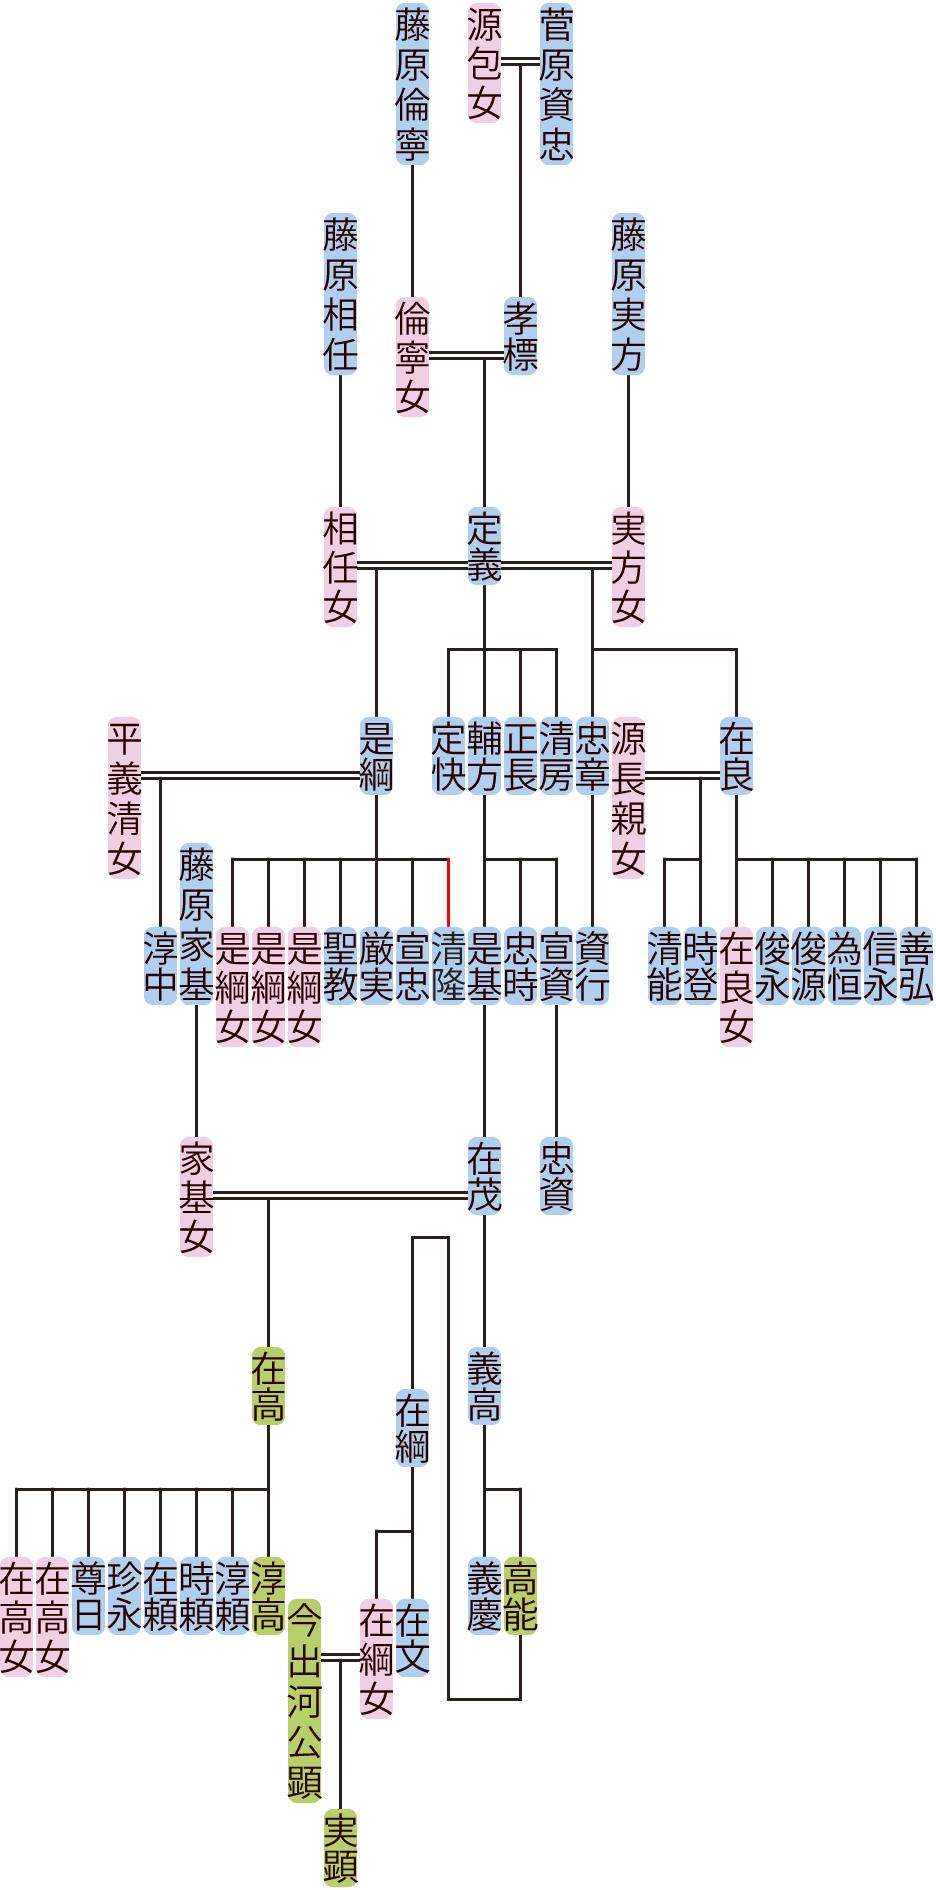 菅原定義~在茂の系図